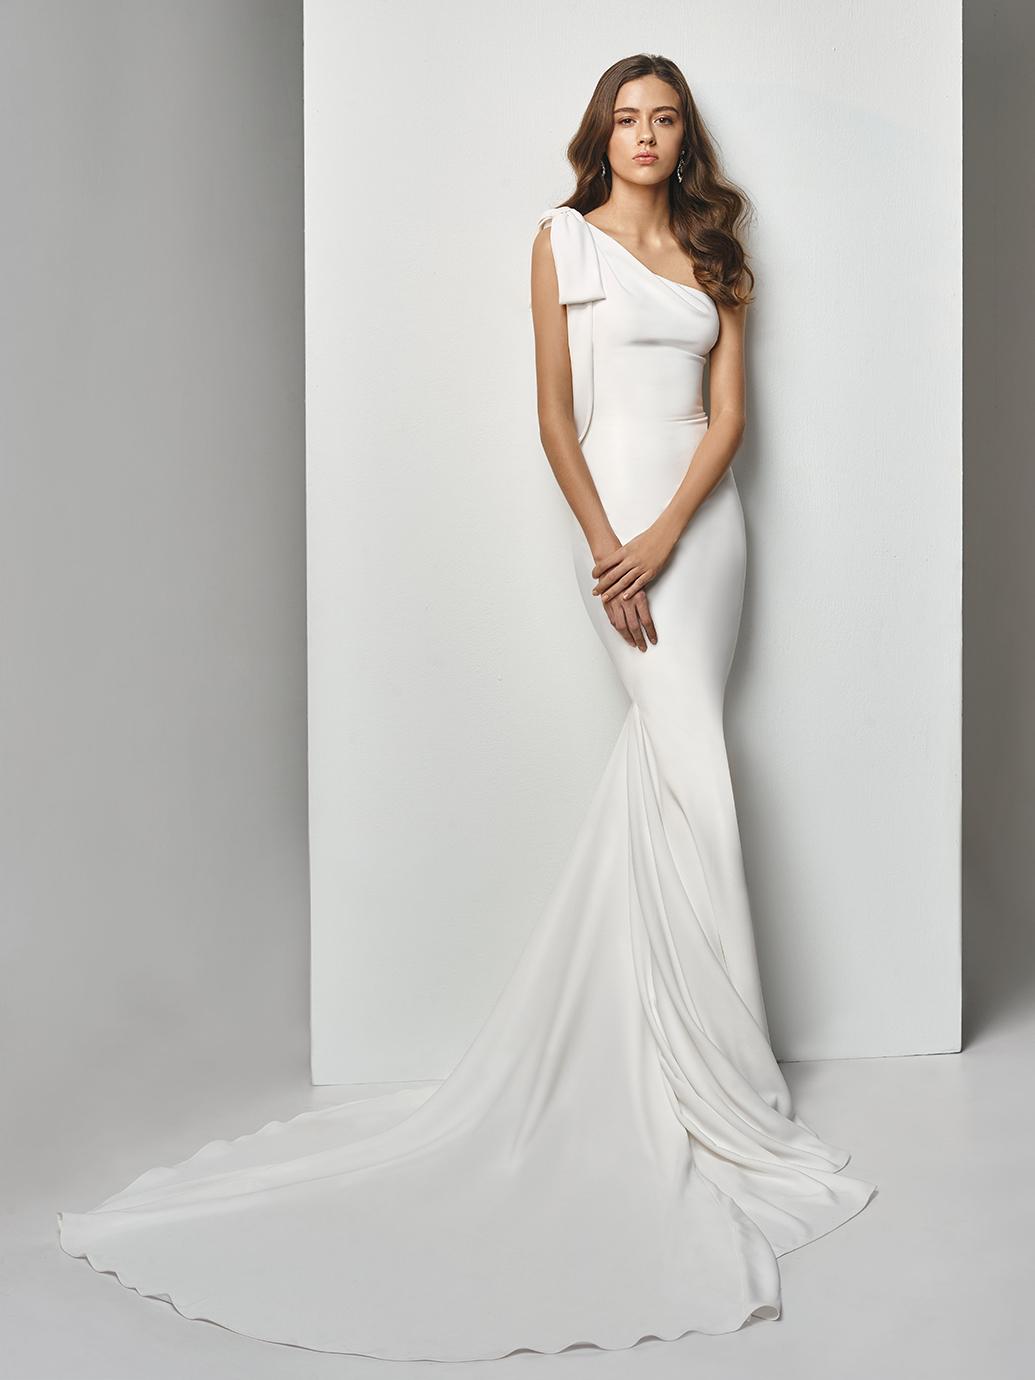 Enzoani Wedding Dress BT19-06 Plain mermaid wedding dress one shoulder wedding dress